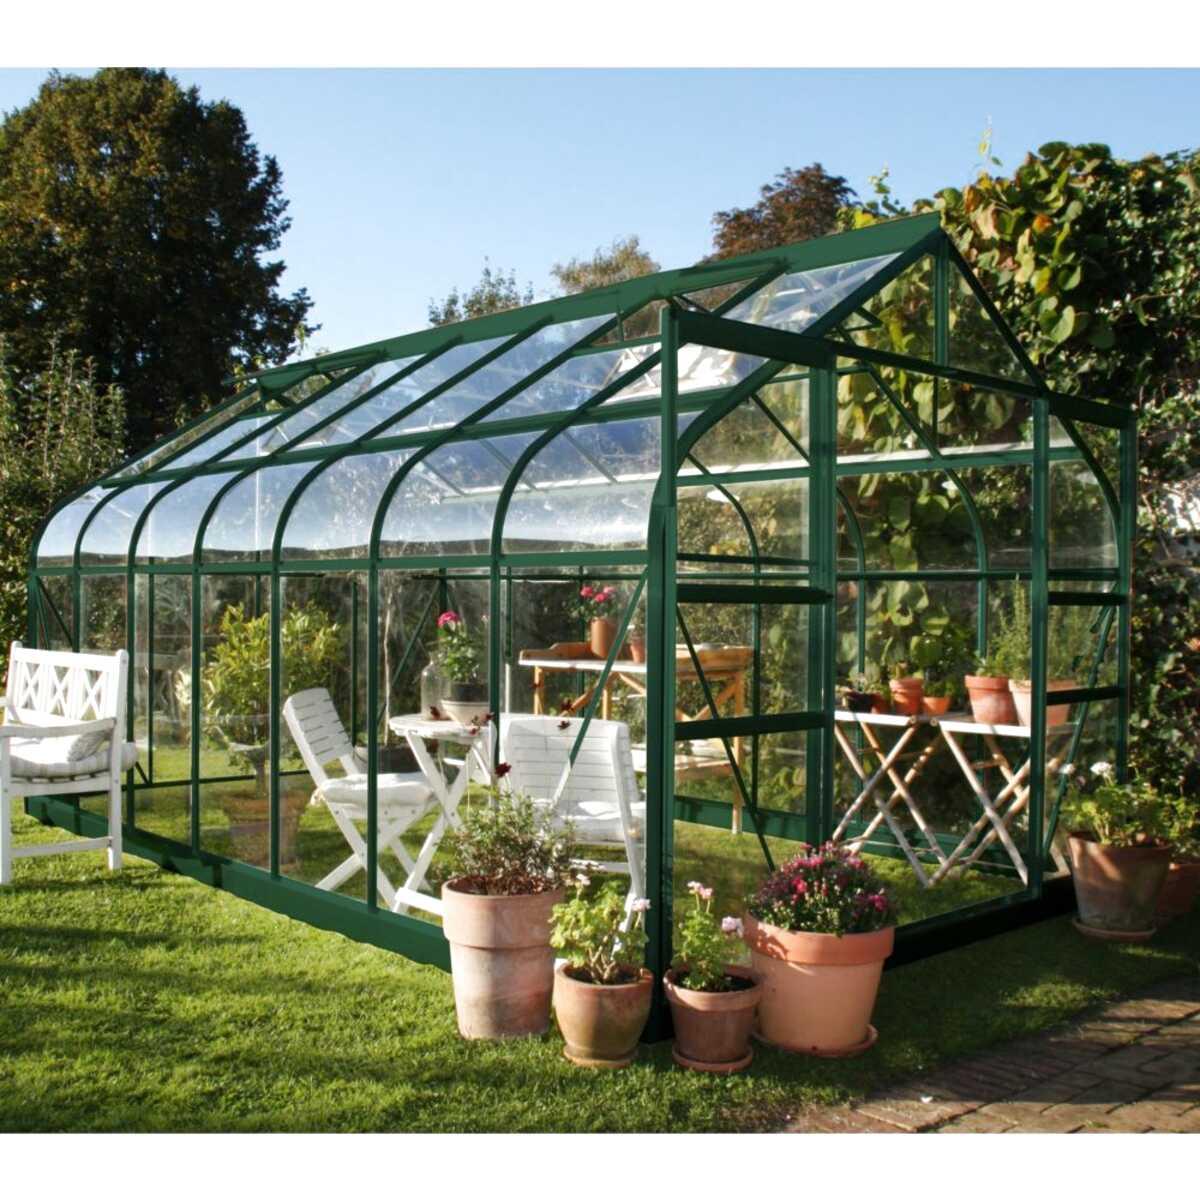 Serre Jardin D'occasion En Belgique (60 Annonces) serapportantà Serre Jardin Occasion